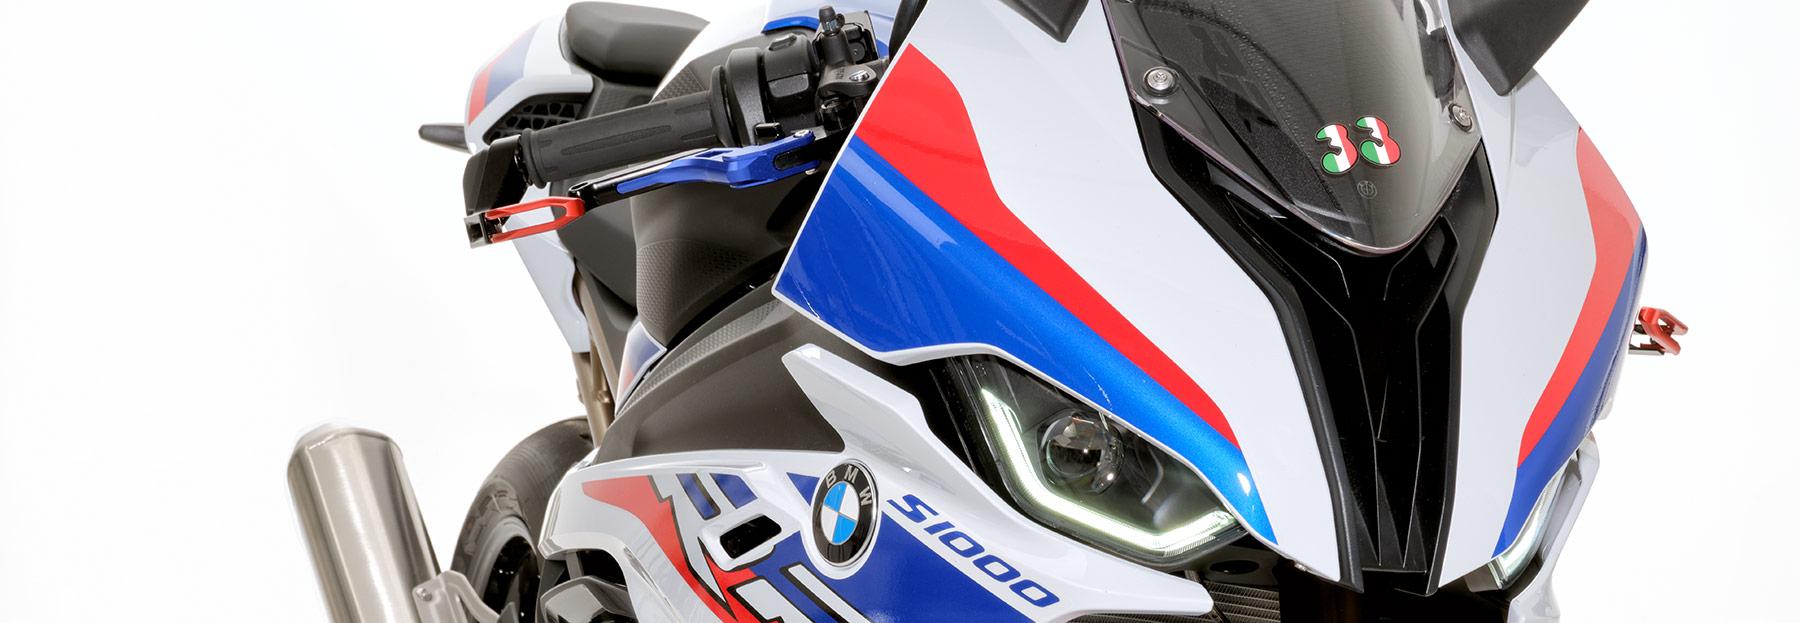 Die probrake Bremshebel und Kupplungehebel an der BMW S 1000 RR